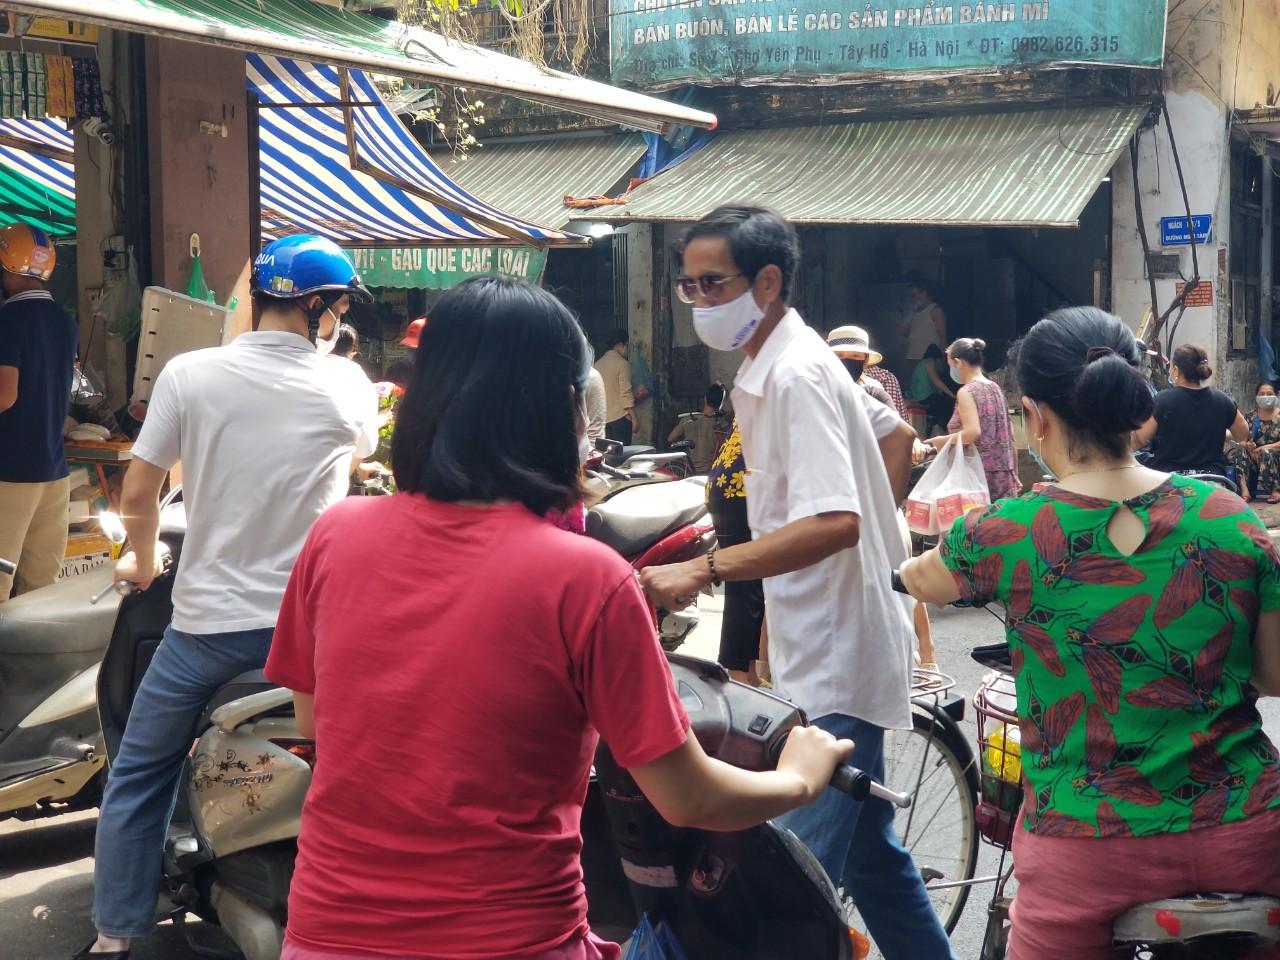 Dân Hà Nội đi chợ kiểu: 'Chị chả cần tích trữ, ngày nào chị cũng đi chợ' - Ảnh 6.